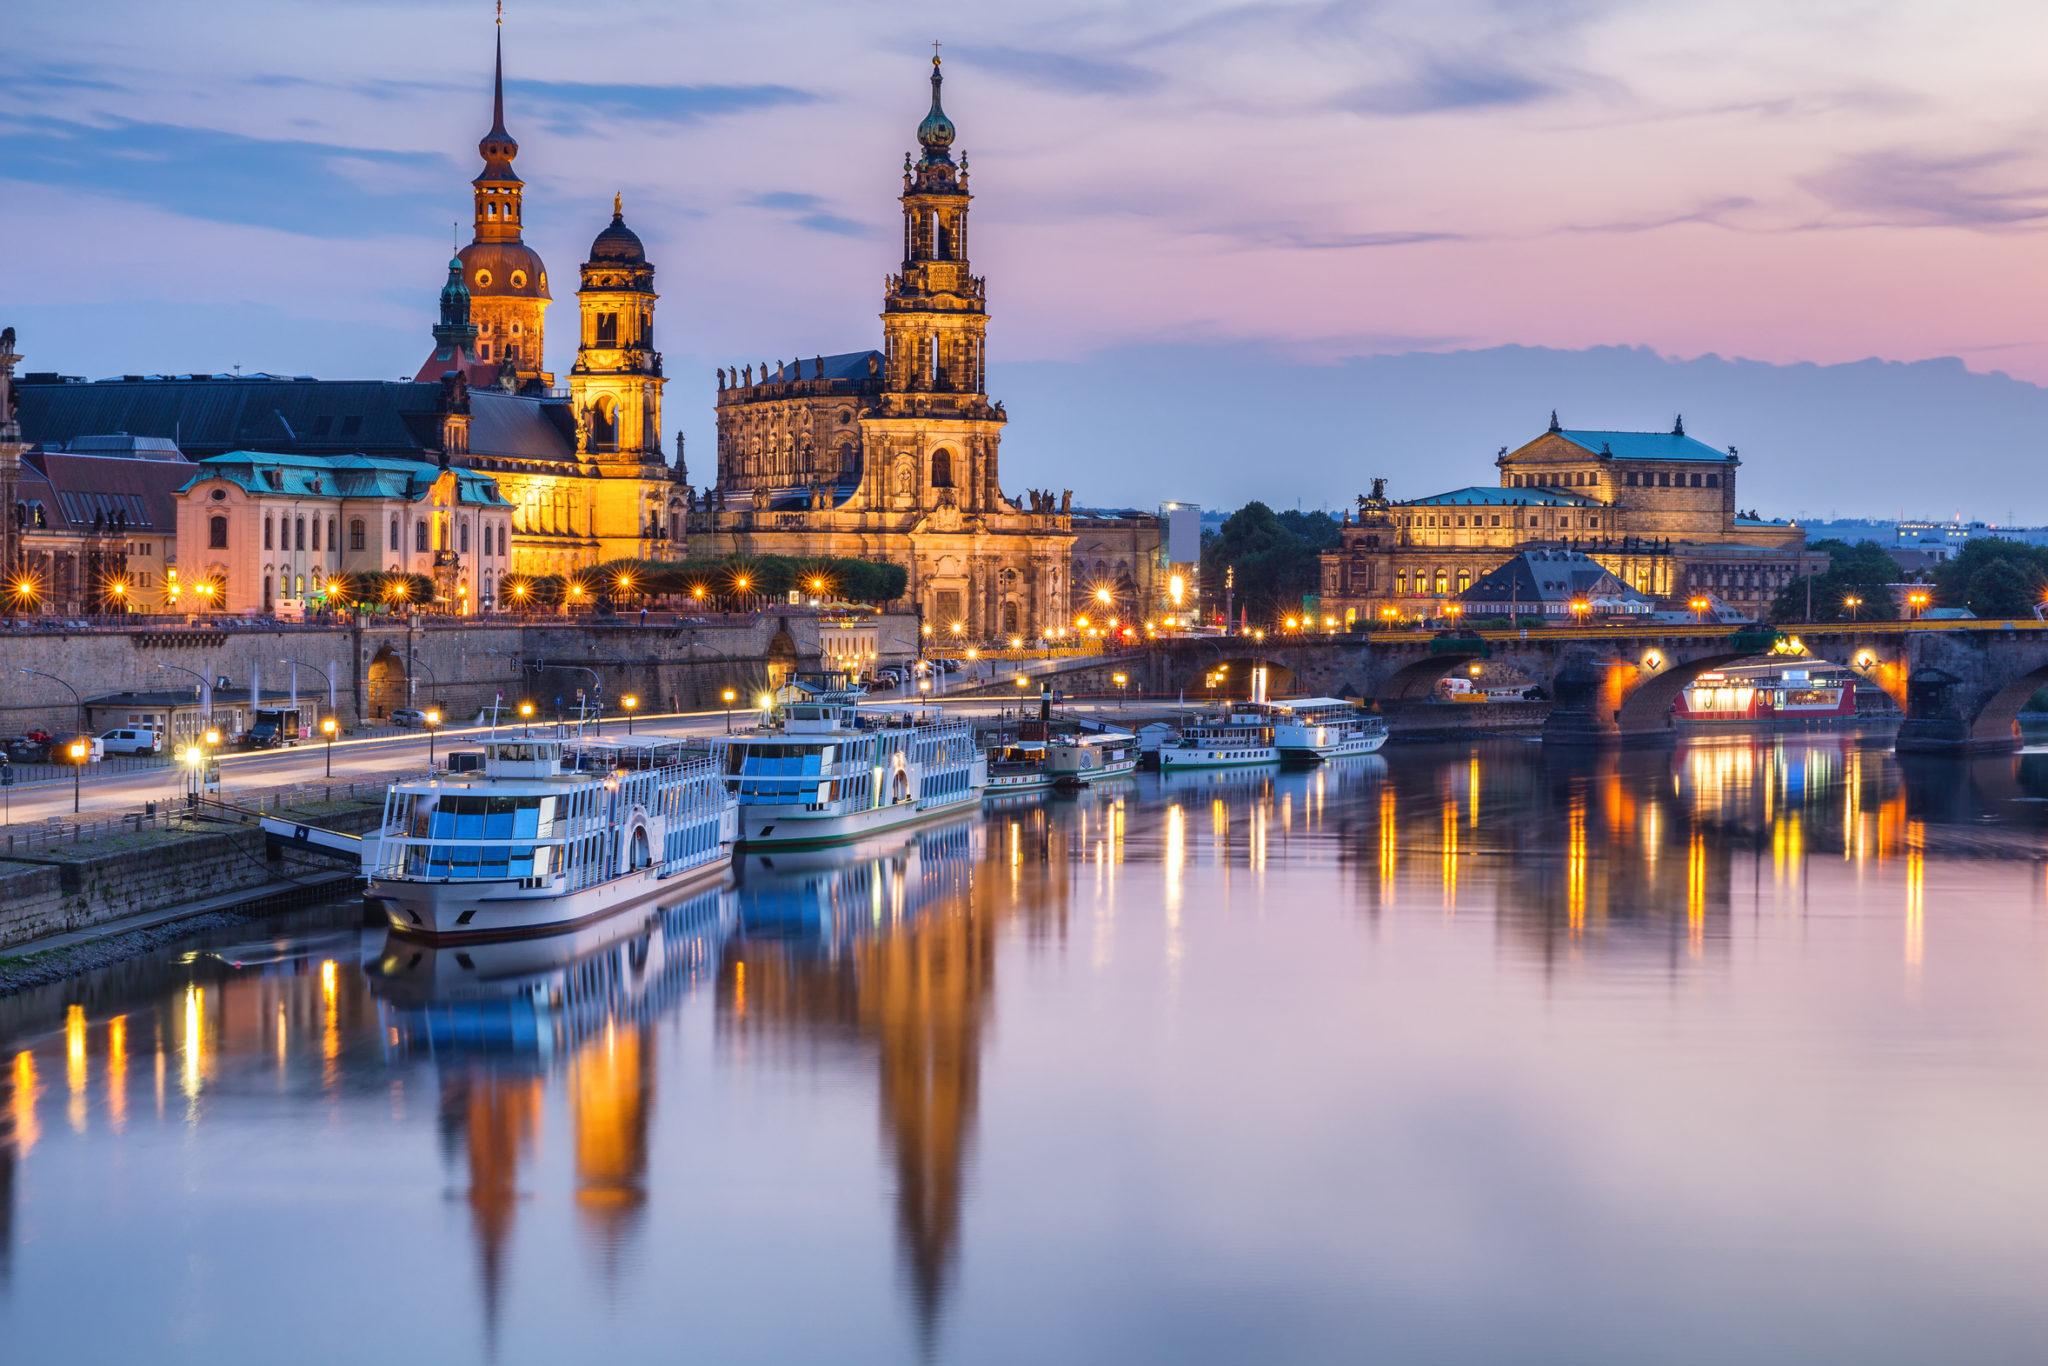 Haushaltsauflösung und Entrümpelung in Dresden